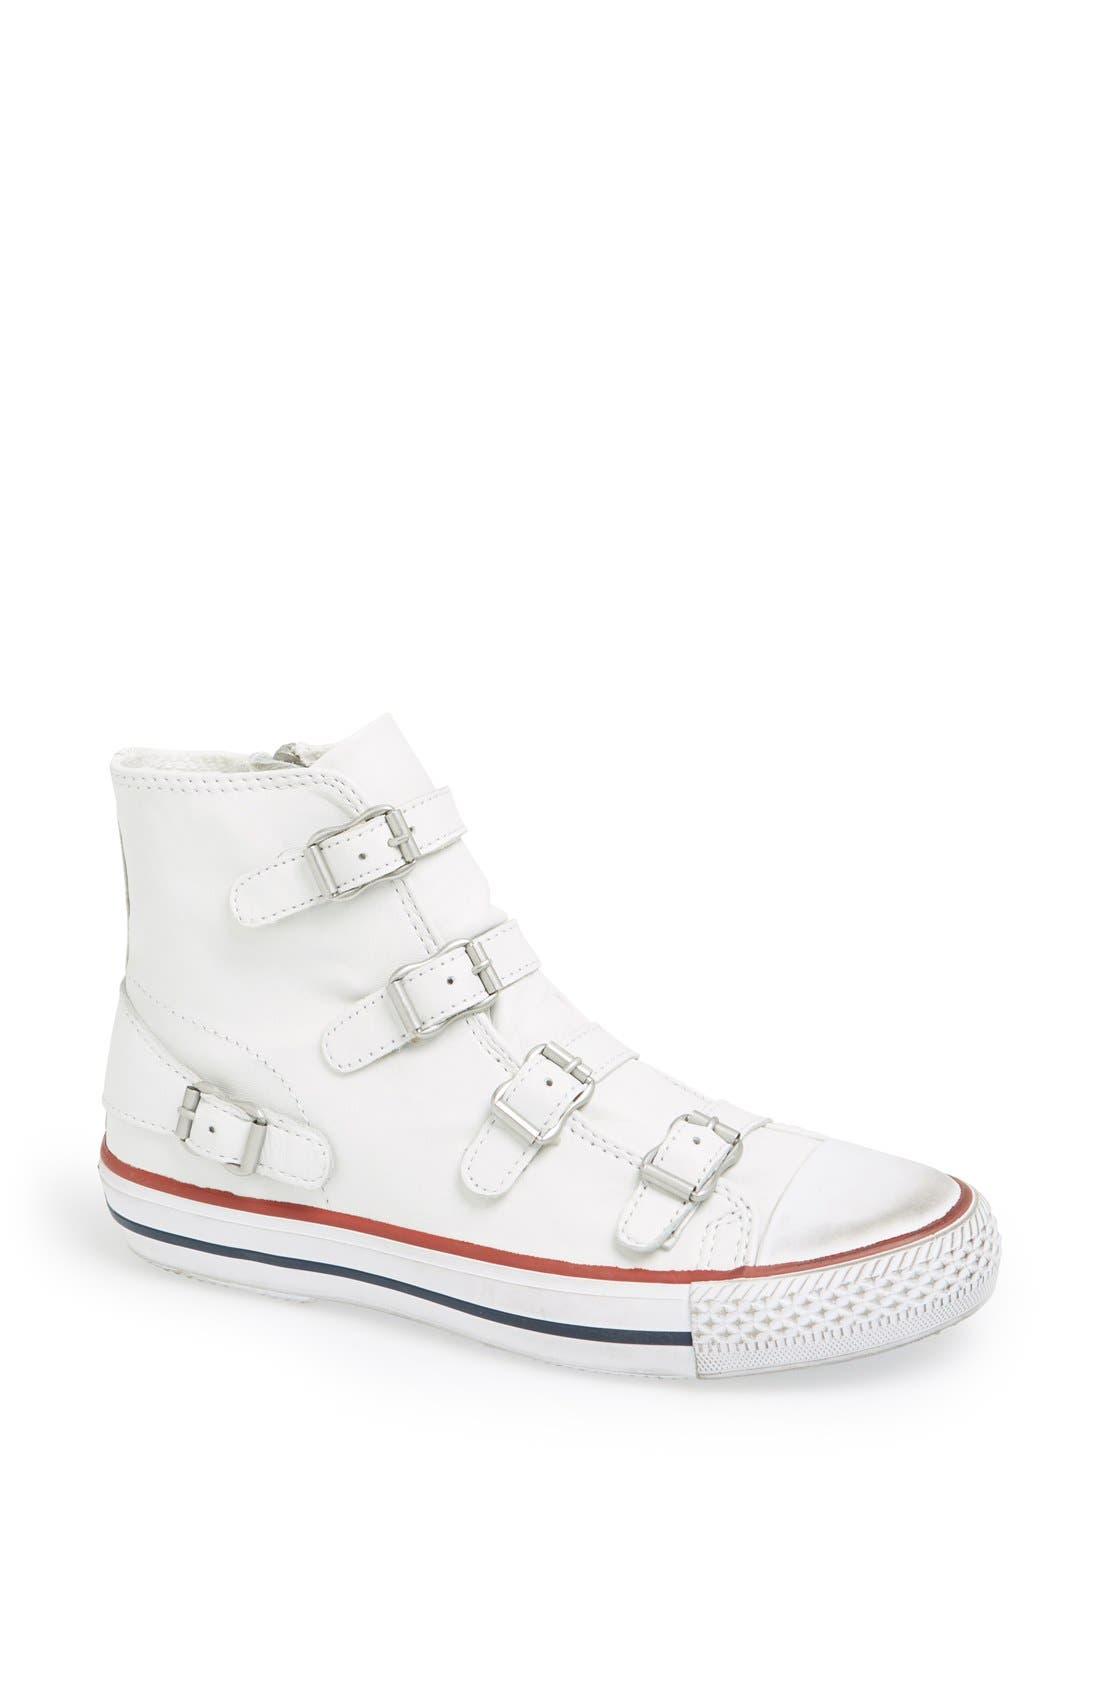 Main Image - Ash 'Virgin' Sneaker